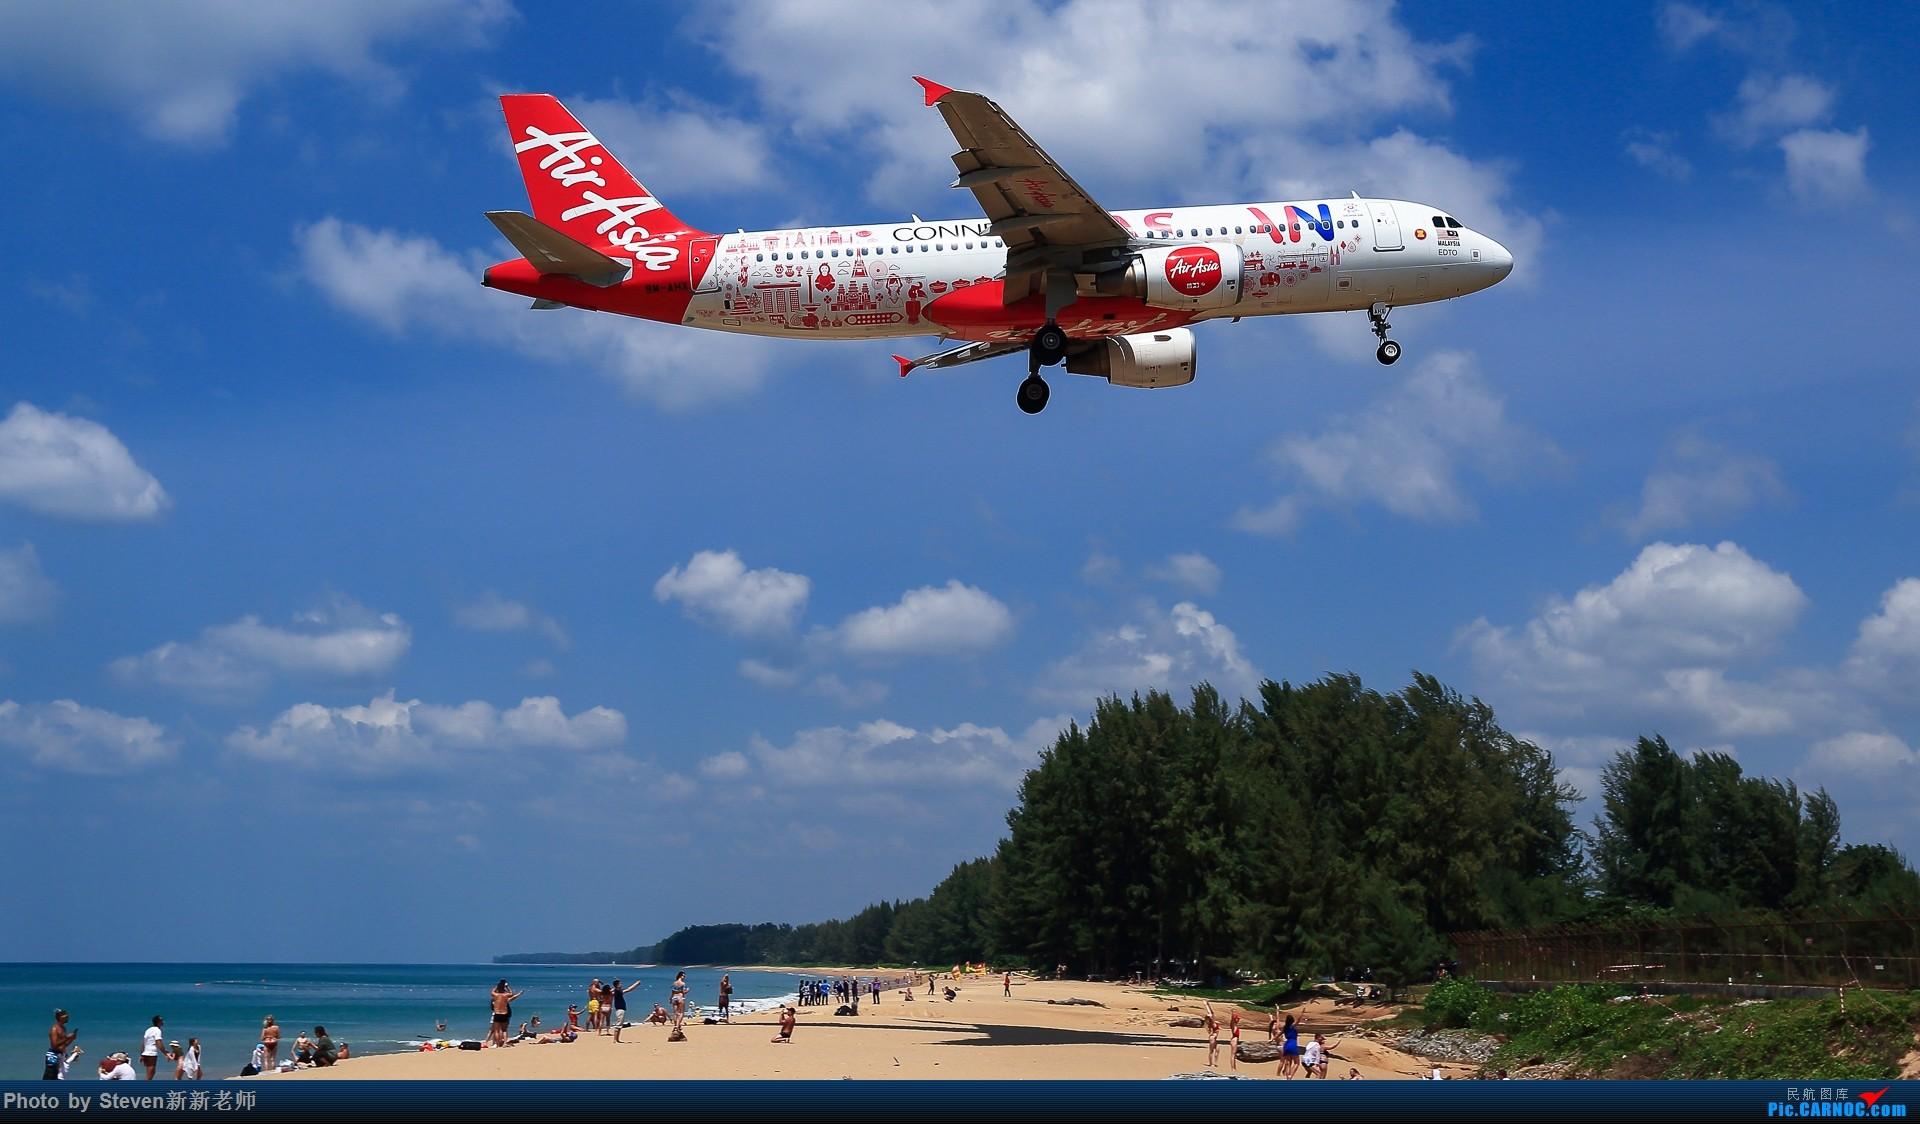 """Re:[原创]亚洲""""圣马丁岛""""—普吉国际机场拍机 AIRBUS A320-200 9M-AHX 泰国普吉机场"""